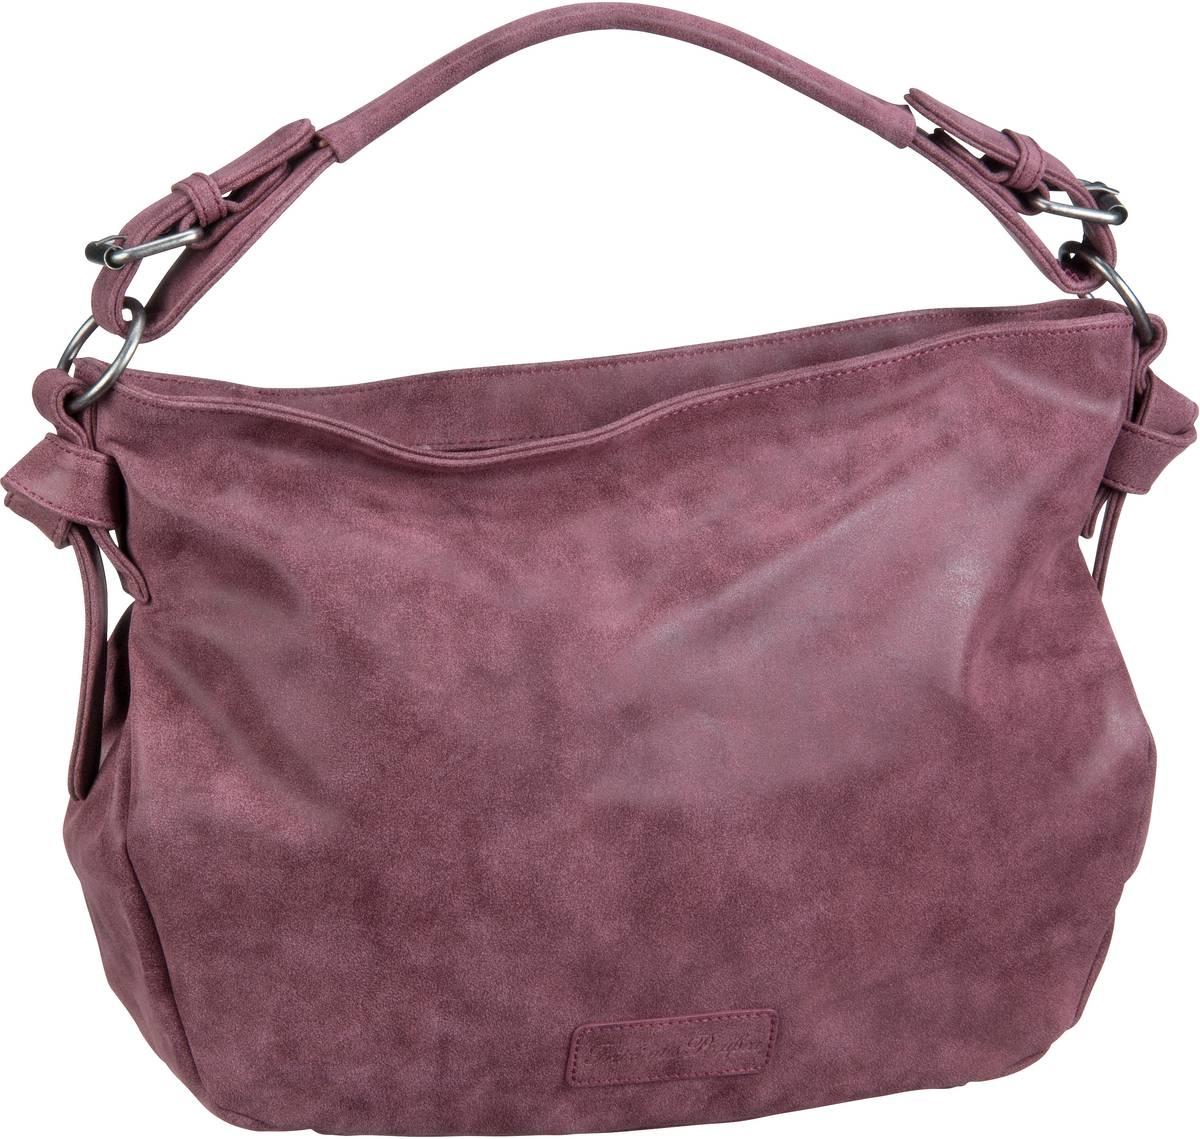 Fritzi aus Preußen Isa Vintage Amarena - Handtasche